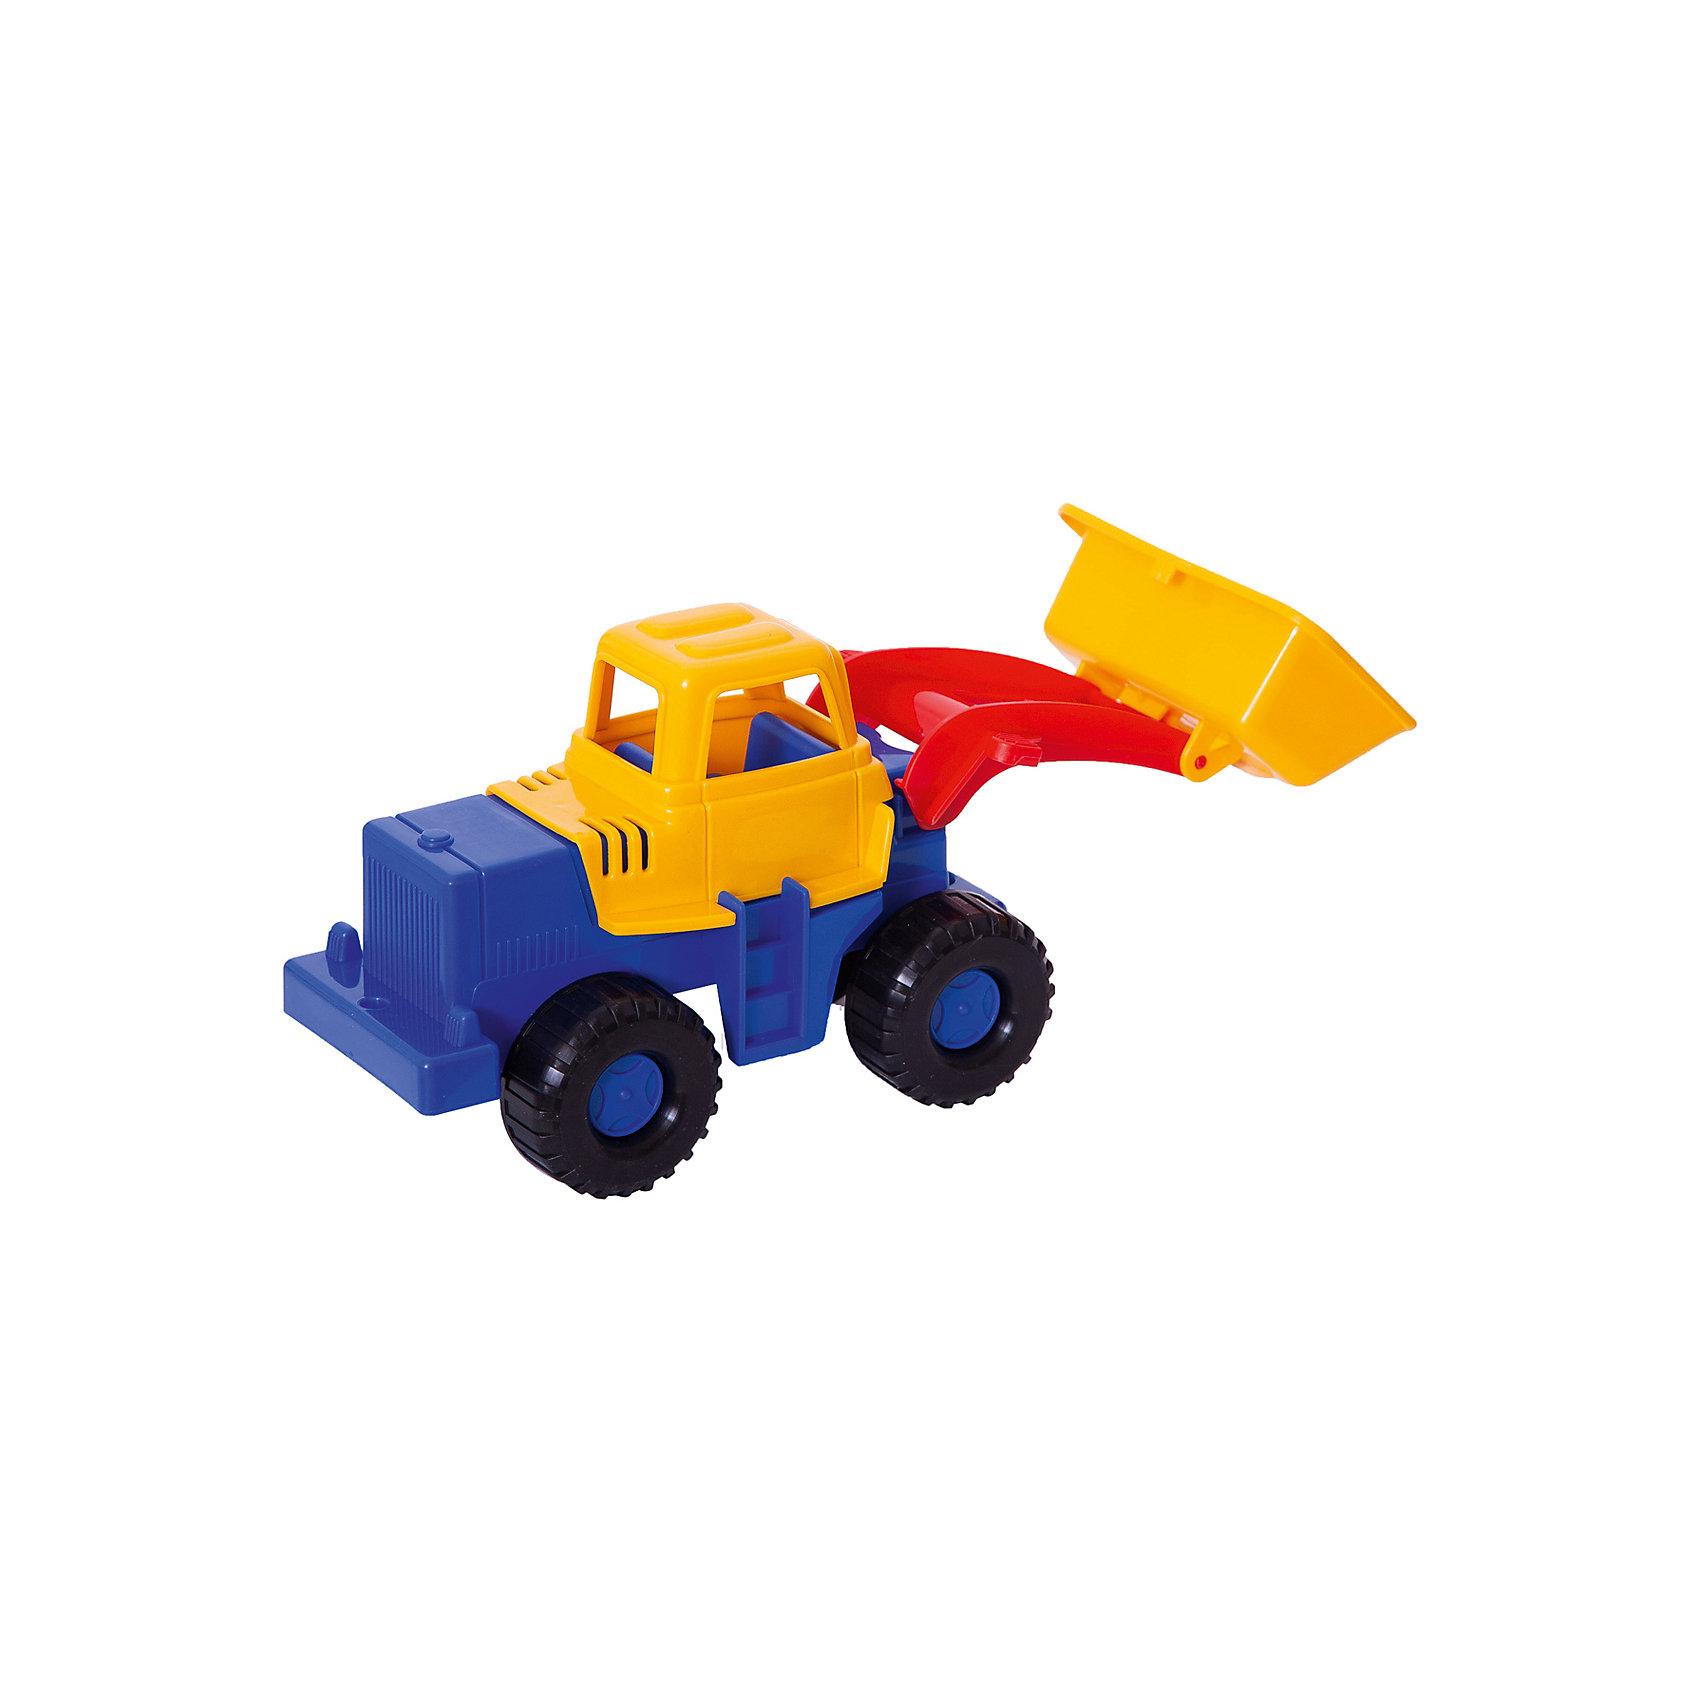 Трактор Медвежонок, НордпластМашинки<br>Трактор Медвежонок, Нордпласт – это пластмассовая машина, которой интересно будет играть вашему мальчику.<br>Надежный, крепкий и красочный трактор Медвежонок от компании Нордпласт  отлично подойдет ребенку для различных игр дома, в детском саду или на прогулке. У него подвижный большой ковш, с помощью которого можно копать траншеи, строить дороги и придумать много интересных и увлекательных игр. А в строительстве песочных замков, домов или плотин он станет незаменим! Кабина с сидением открытая, поэтому в ней можно разместить маленькую фигурку водителя. Есть лесенка, чтобы игрушечный водитель мог забираться в кабину. Большие колеса с текстурированными шинами делают игрушку устойчивой. Игрушка изготовлена из высококачественной пищевой пластмассы, без трещин и заусениц, поэтому во время эксплуатации выдержит многие детские шалости. Она покрыта нетоксичной краской, не облупливающейся и не выгорающей на солнце. Товар соответствует требованиям стандарта для детских игрушек и имеет сертификат качества.<br><br>Дополнительная информация:<br><br>- Материал: высококачественная пластмасса<br>- Размер: 14х13х28 см.<br>- Вес: 200 гр.<br><br>Трактор Медвежонок, Нордпласт можно купить в нашем интернет-магазине.<br><br>Ширина мм: 280<br>Глубина мм: 130<br>Высота мм: 140<br>Вес г: 200<br>Возраст от месяцев: 24<br>Возраст до месяцев: 60<br>Пол: Мужской<br>Возраст: Детский<br>SKU: 4060315